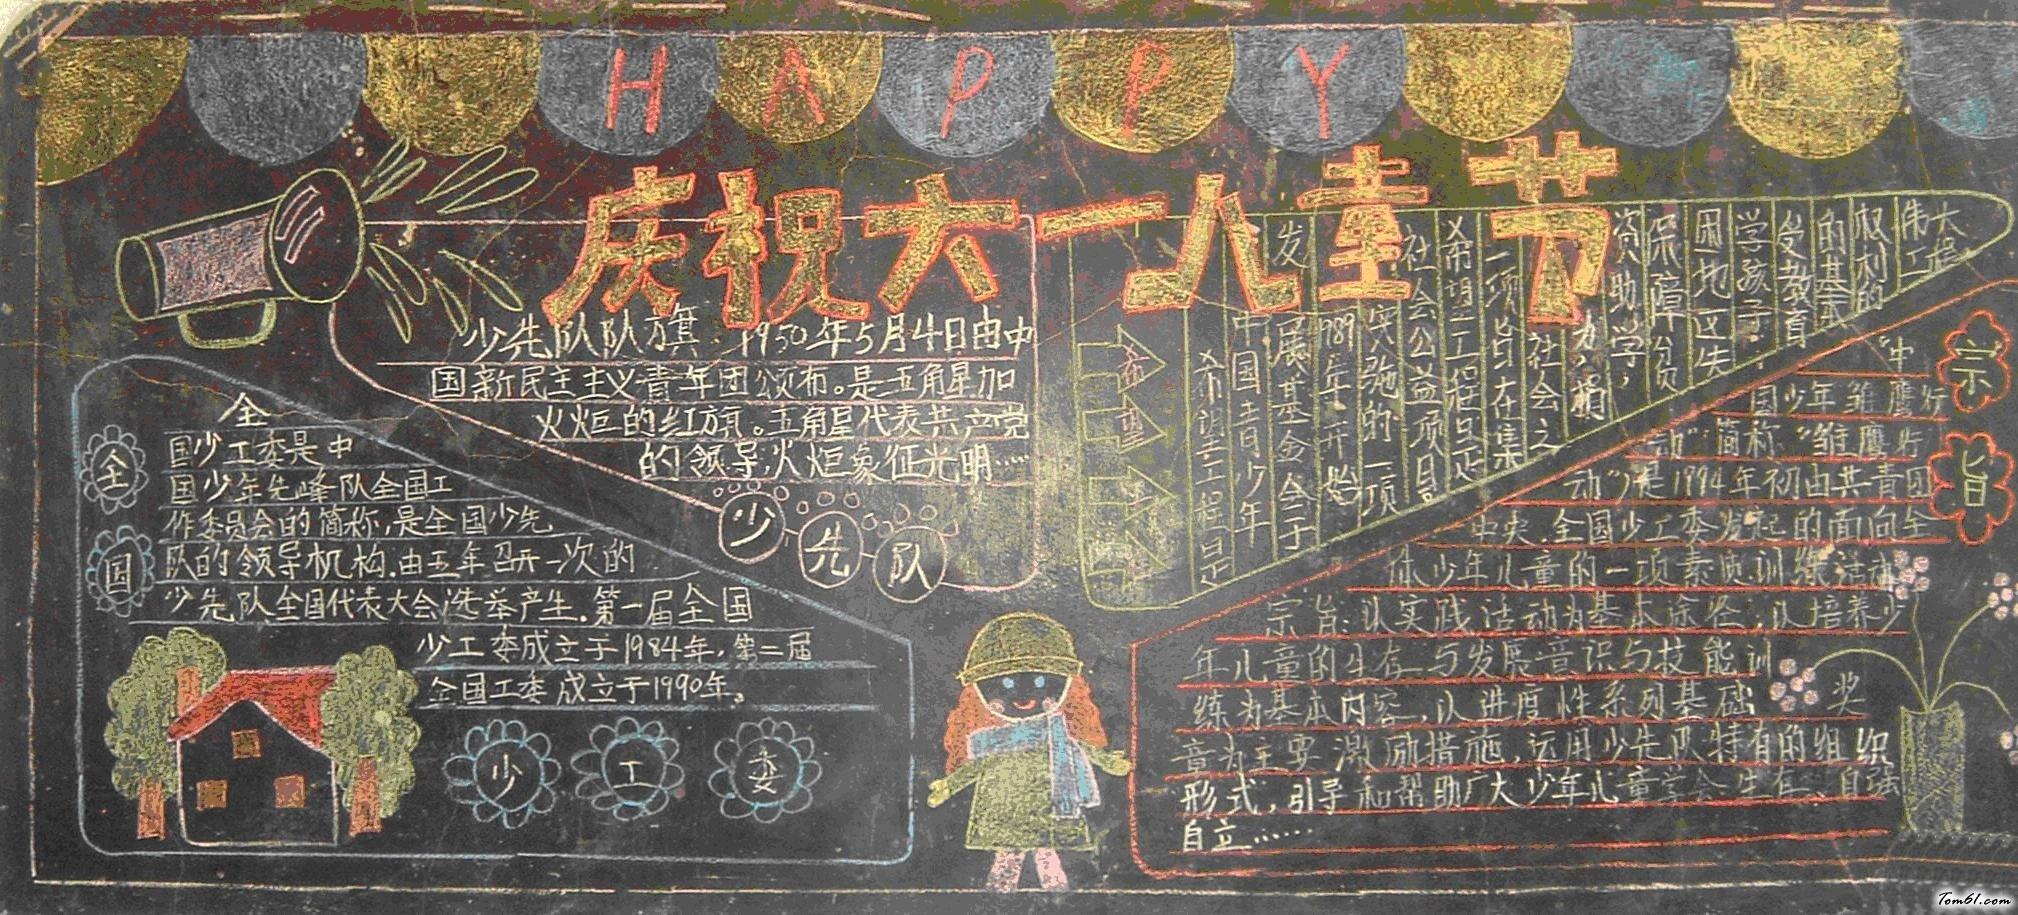 61儿童节黑板报版面设计图